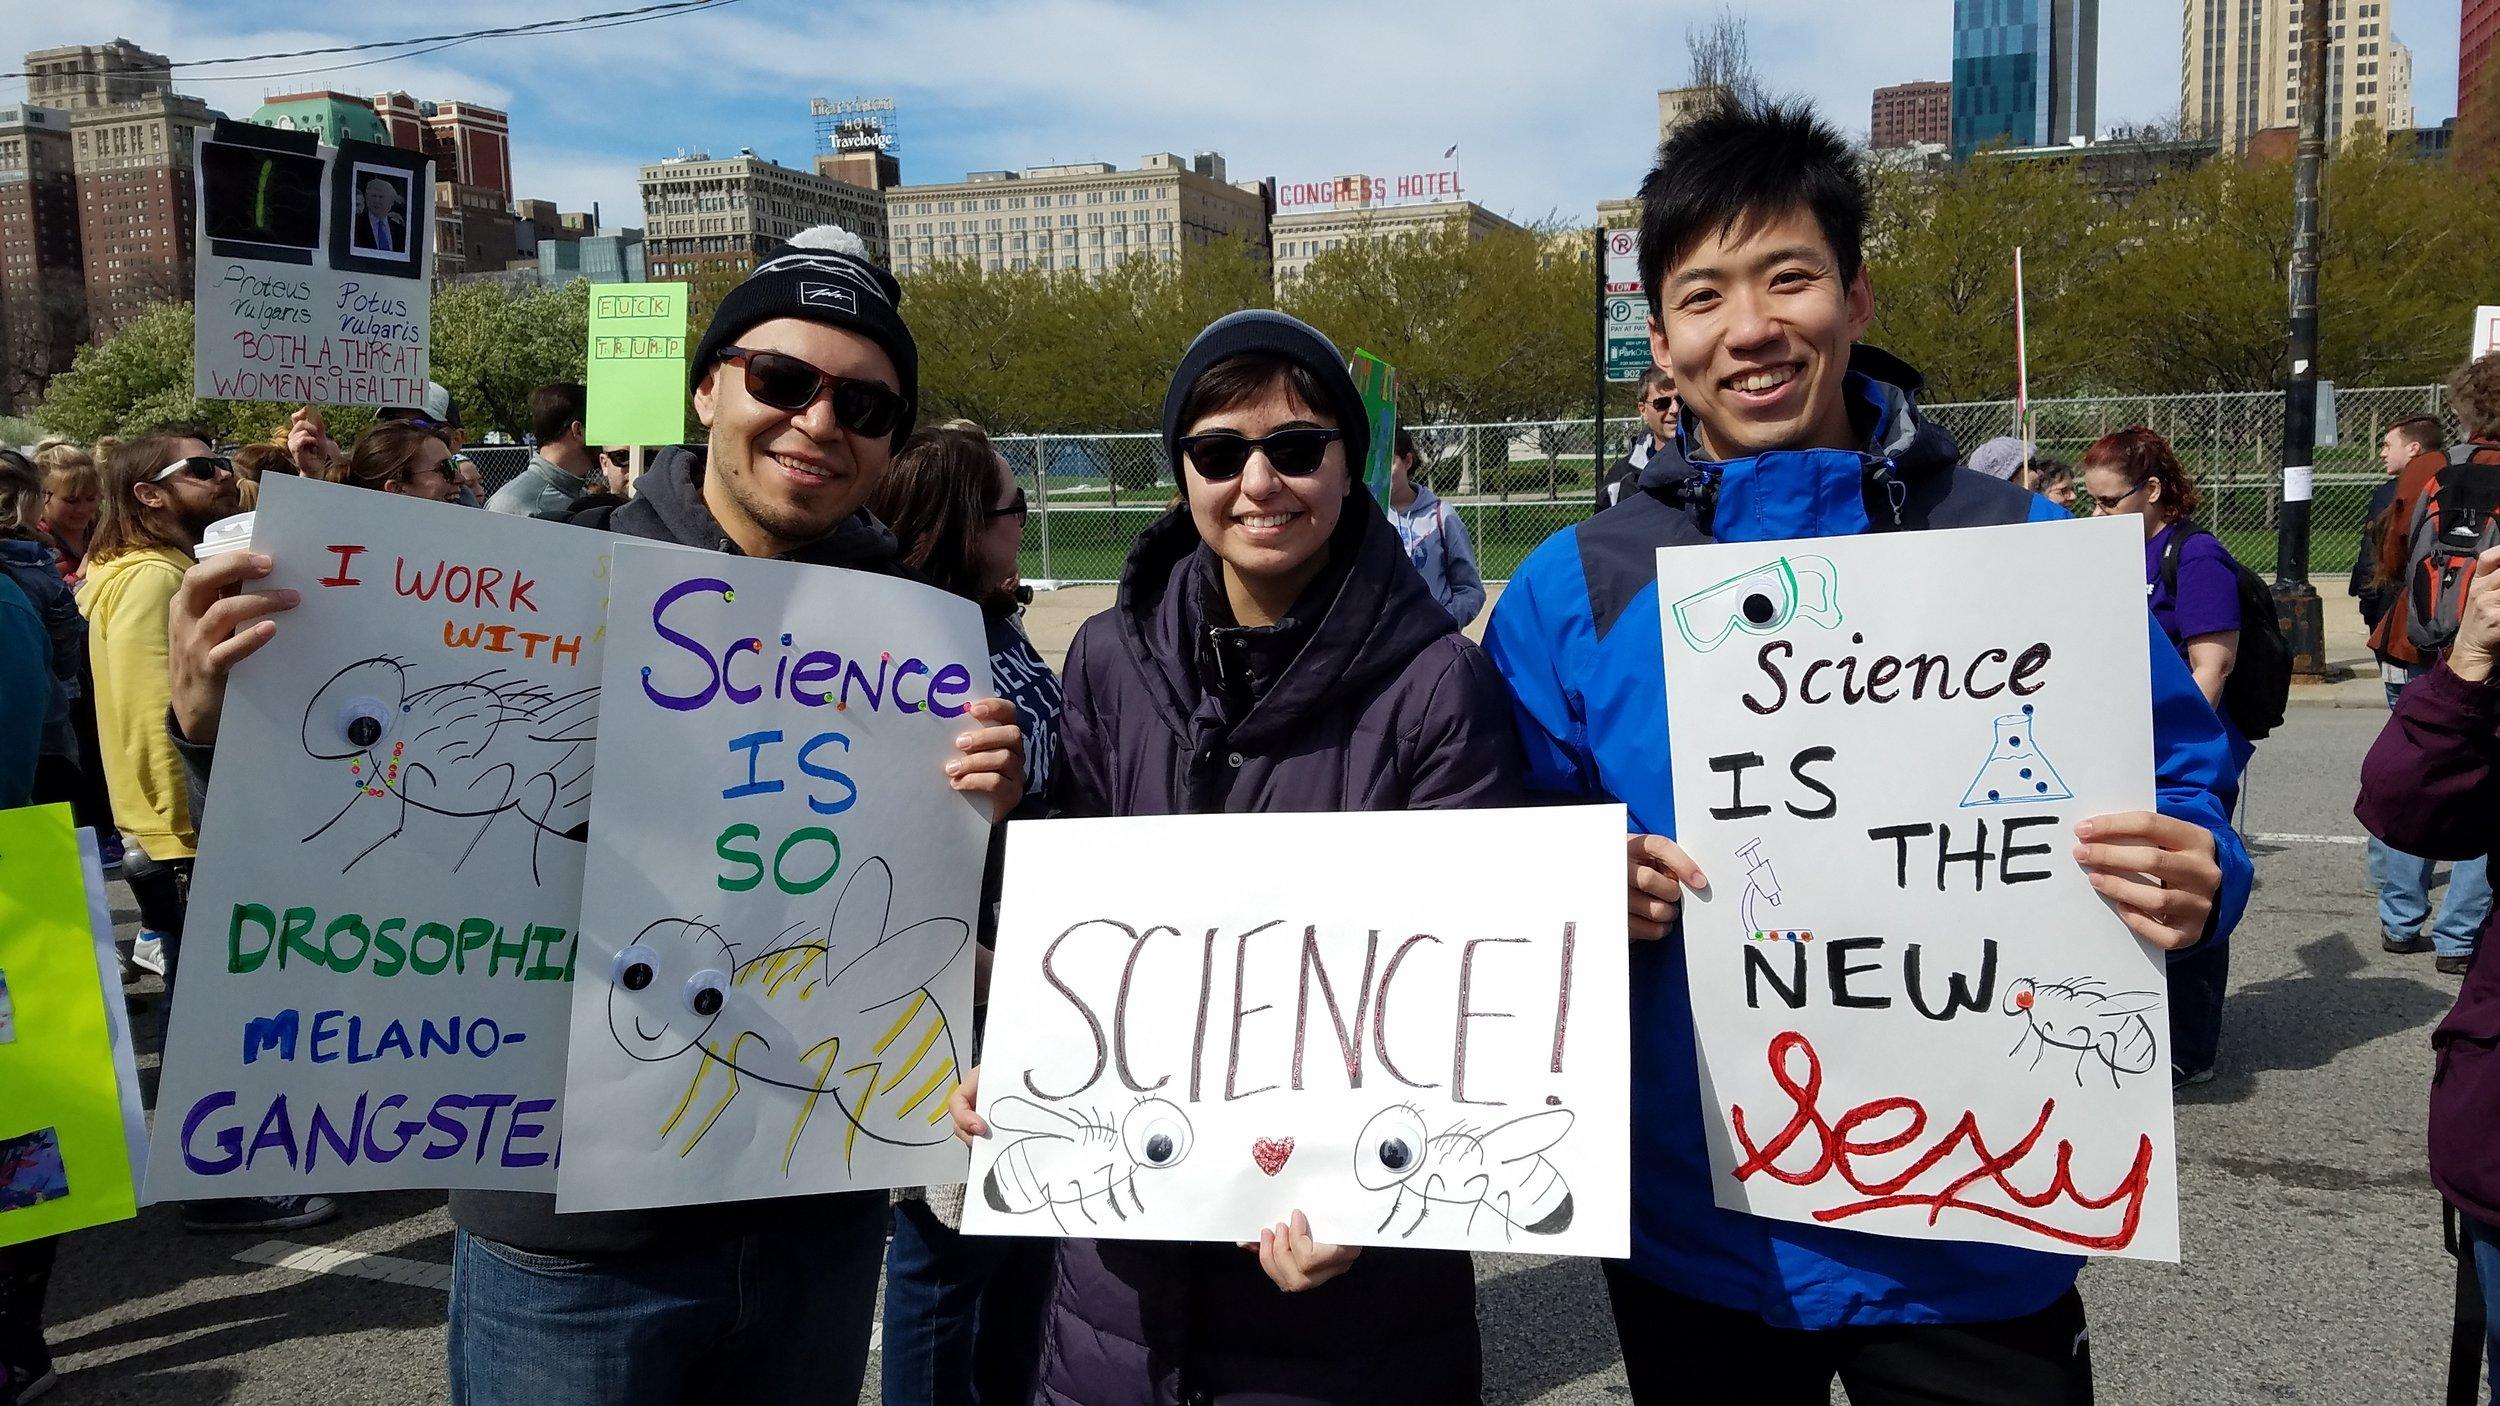 We <3 Science! -